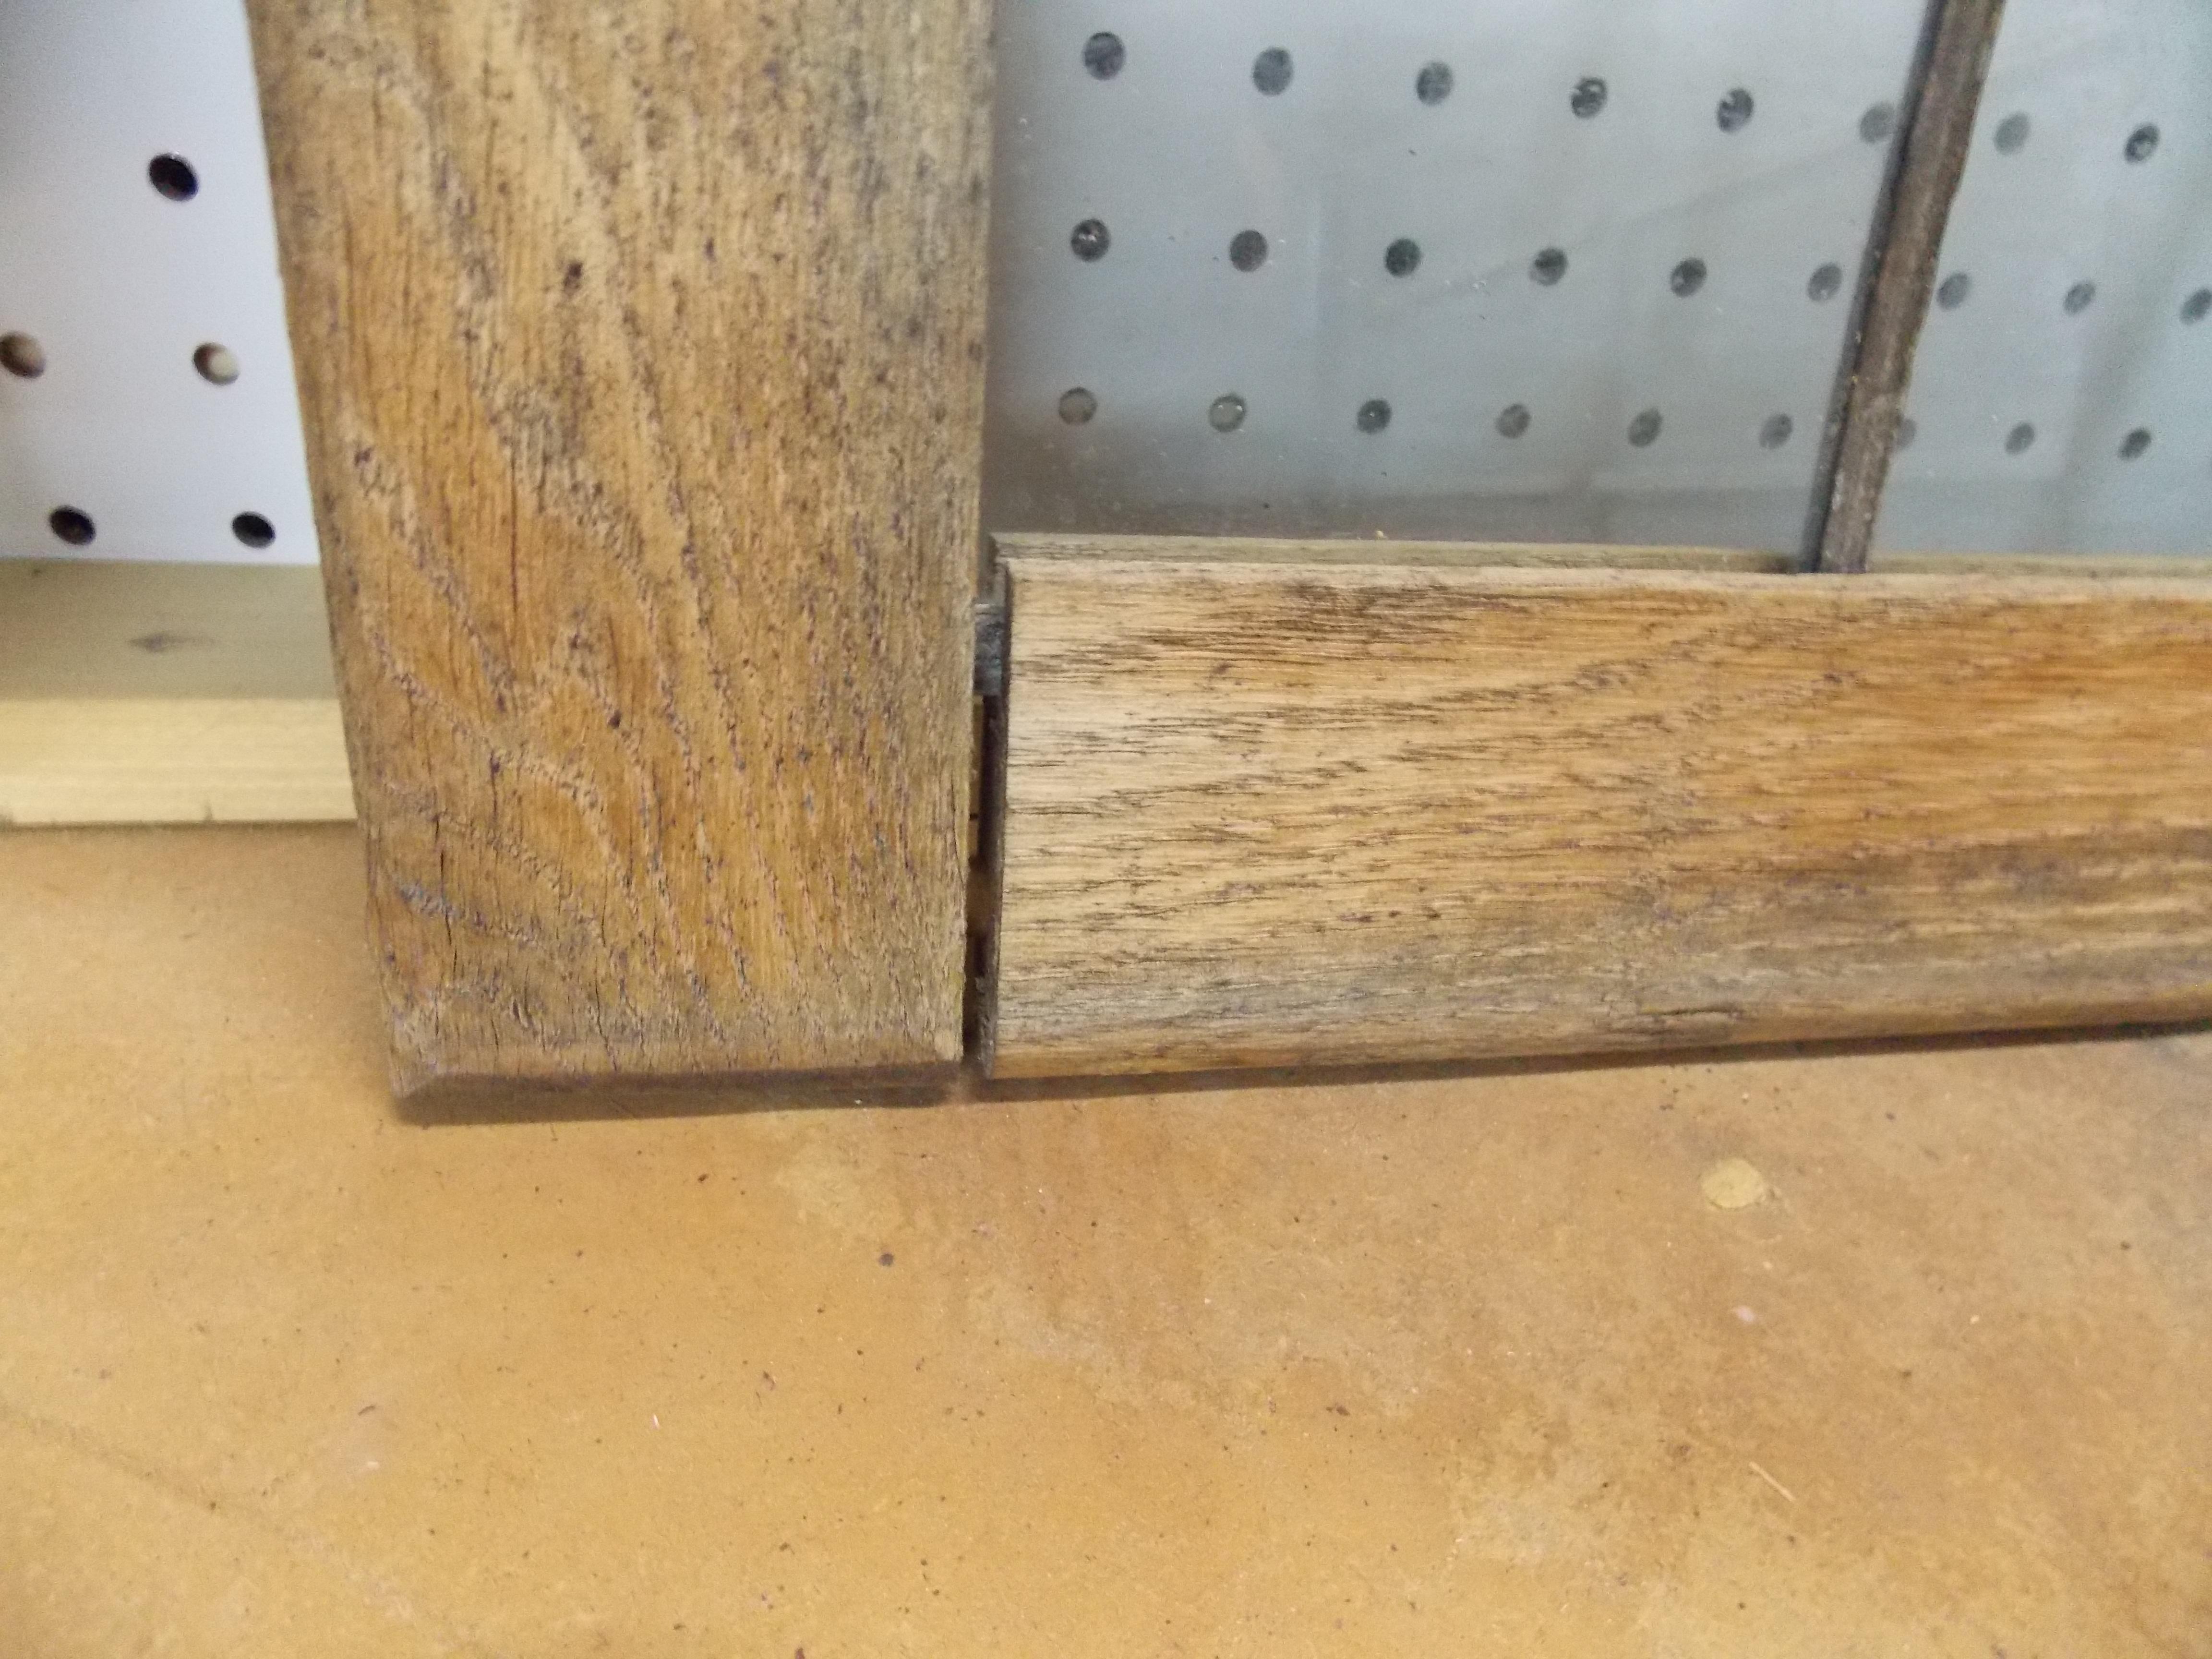 Architectural Salvaged Oak Frame in Disrepair